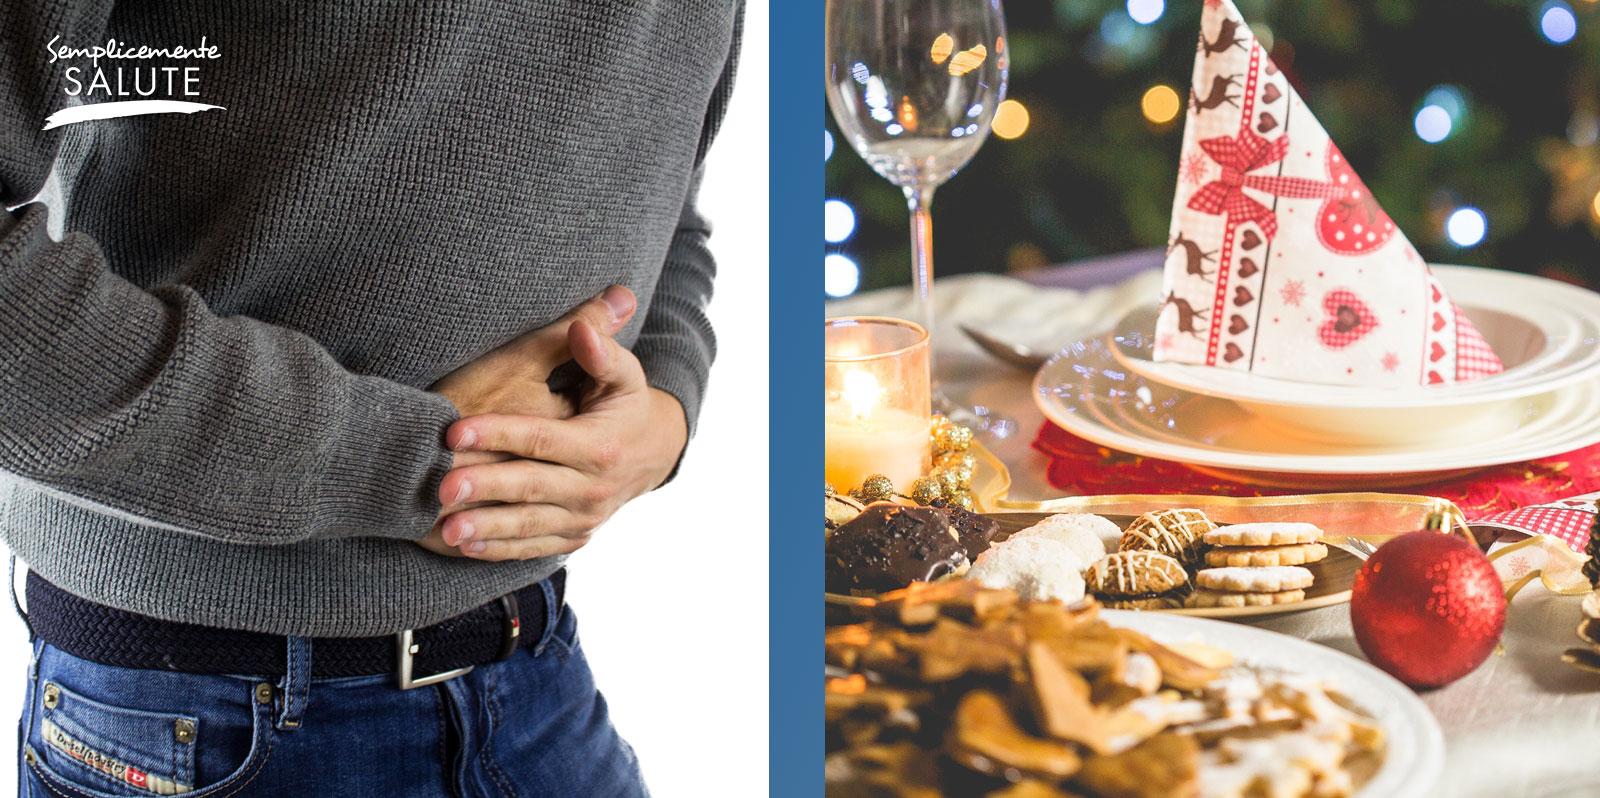 Buona digestione per un buon Natale